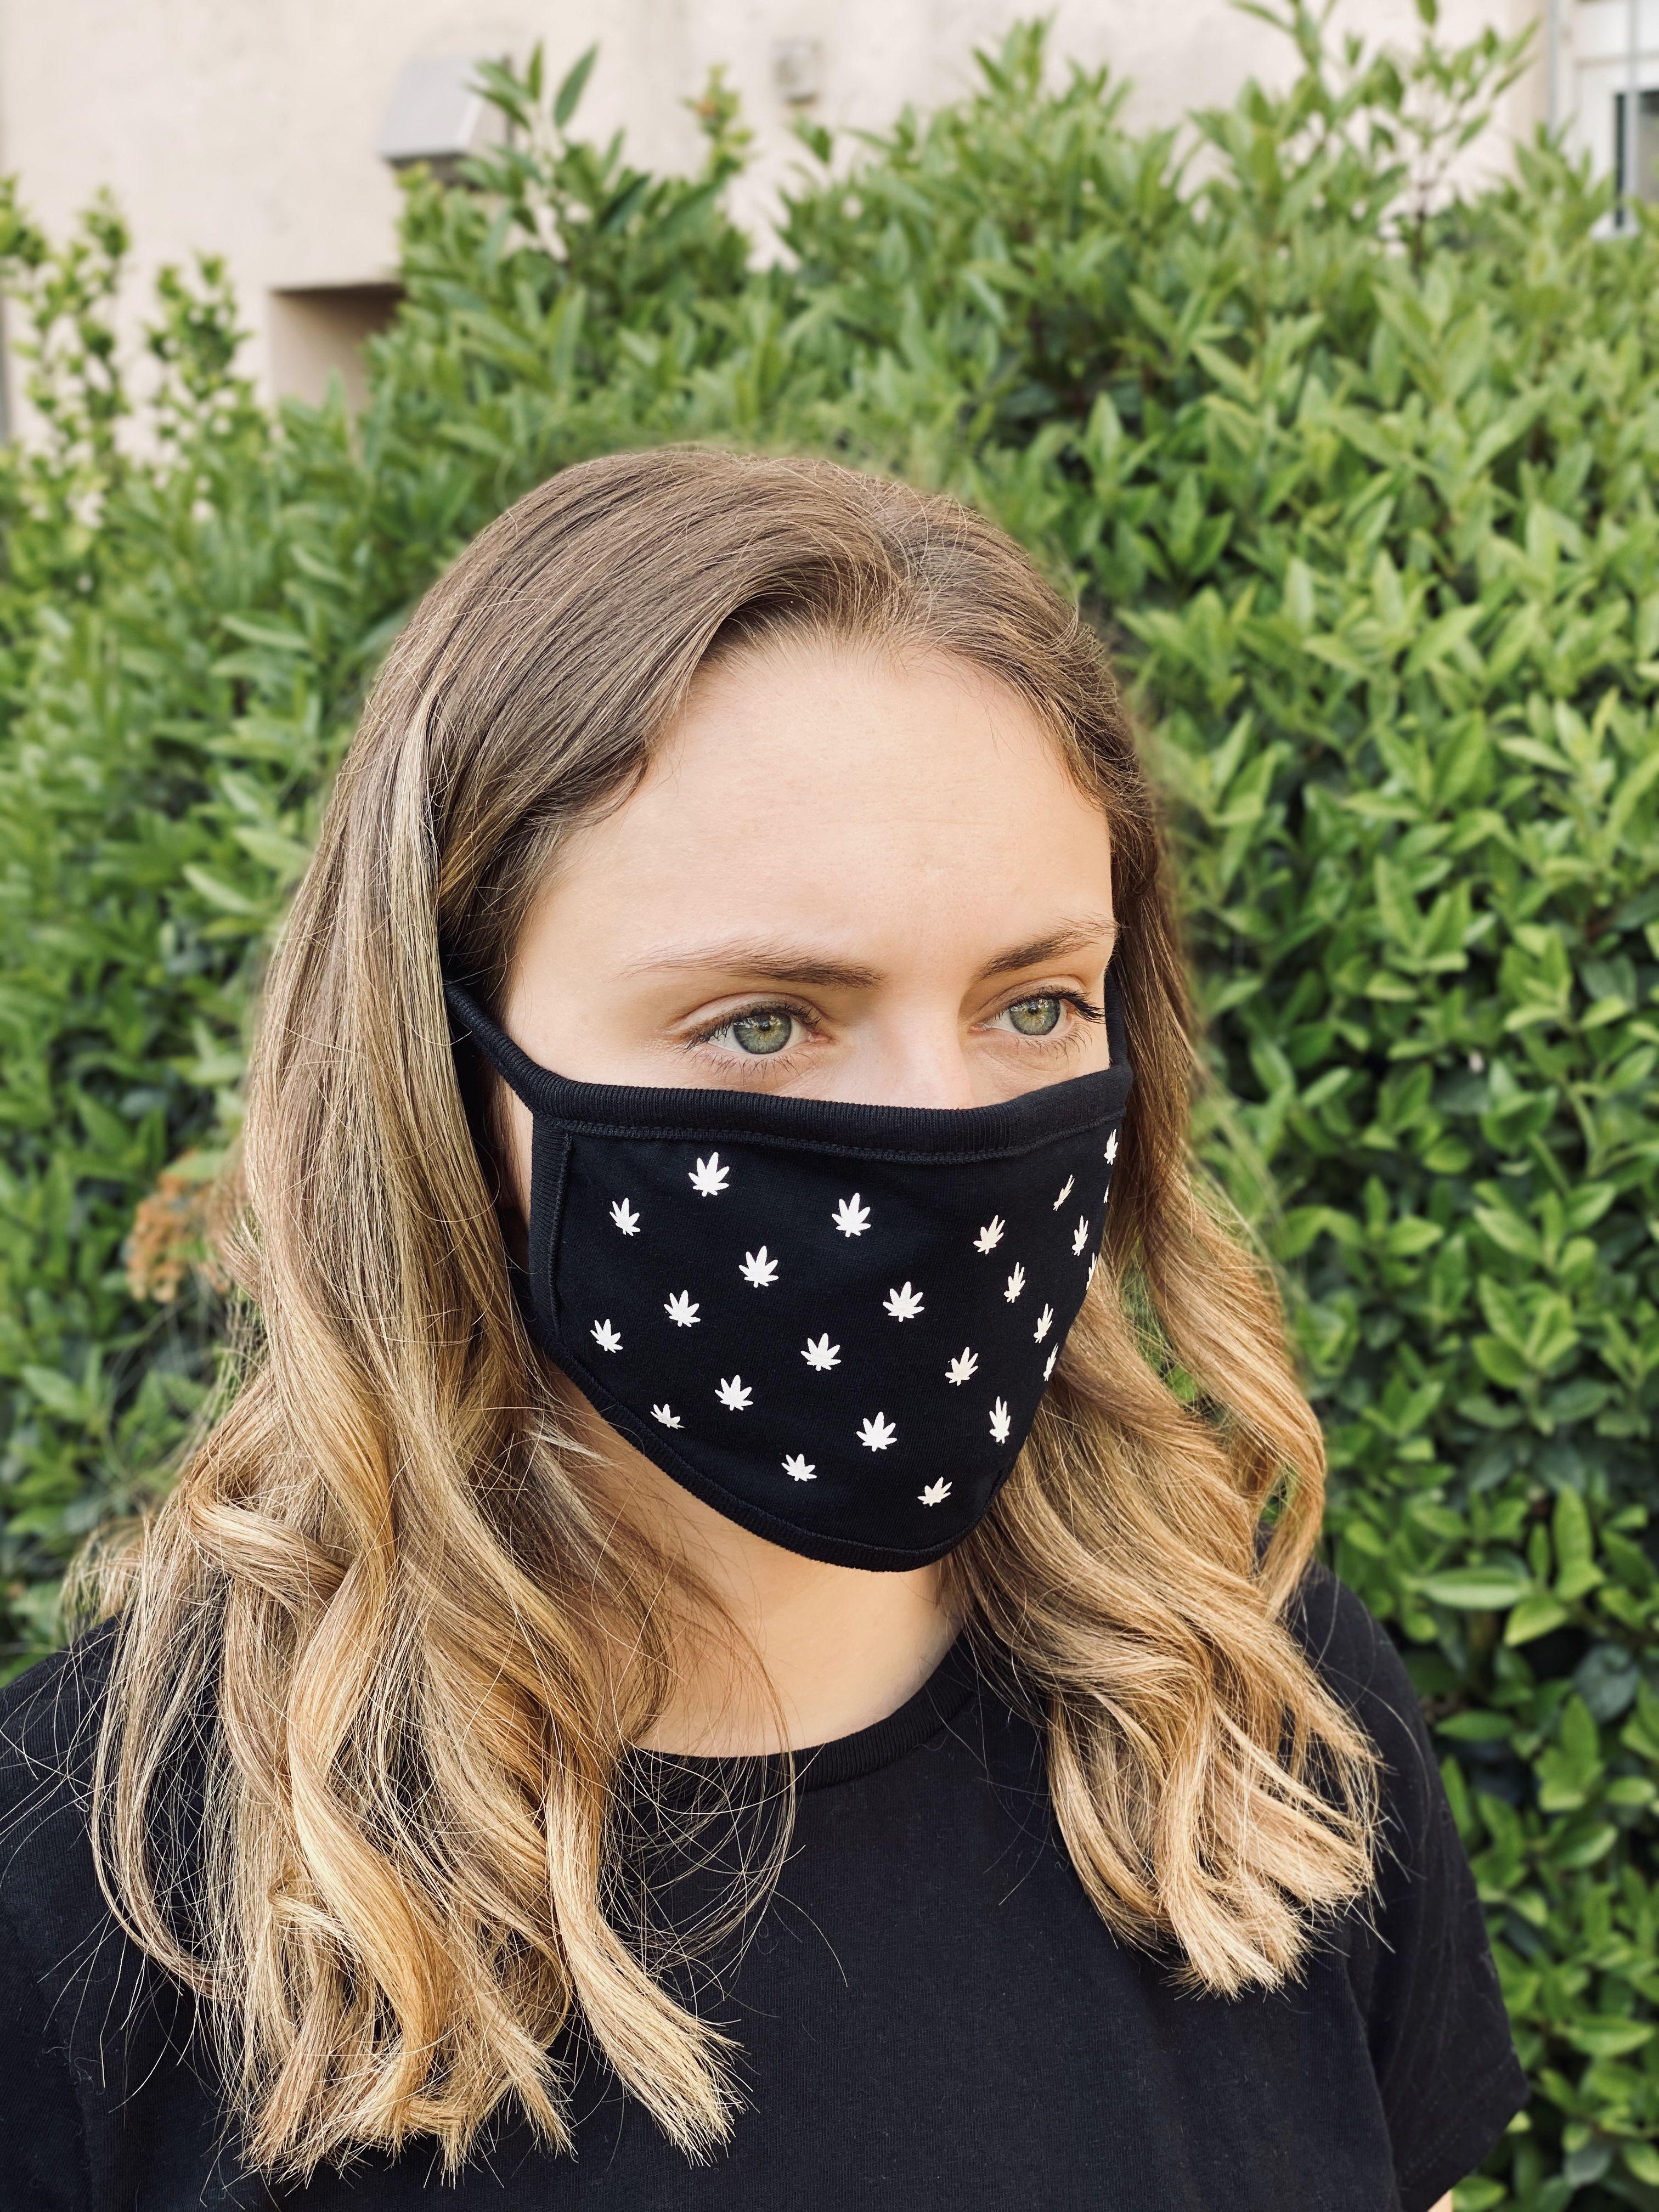 Umweltfreundliche schwarze Maske (Community-Maske) mit weißem Druck. Die Masken bestehen aus 100% Baumwolle und sind wiederverwendbar und waschbar. Motiv: Cannabis Muster / Marijuana    www.geile-teile-shop.de #geileteile #geileteileshop #Party #Techno #Sprüche #Feiern #afterhour #hardtechno #hardtekk #Rave #Festival #shirt #fashion #cap #hrdtkk #efn #spruch #dance #technogirl #tekk #style #nice #technofashion #technostyle #acid #raver #maske #corona #masken #nähanleitung